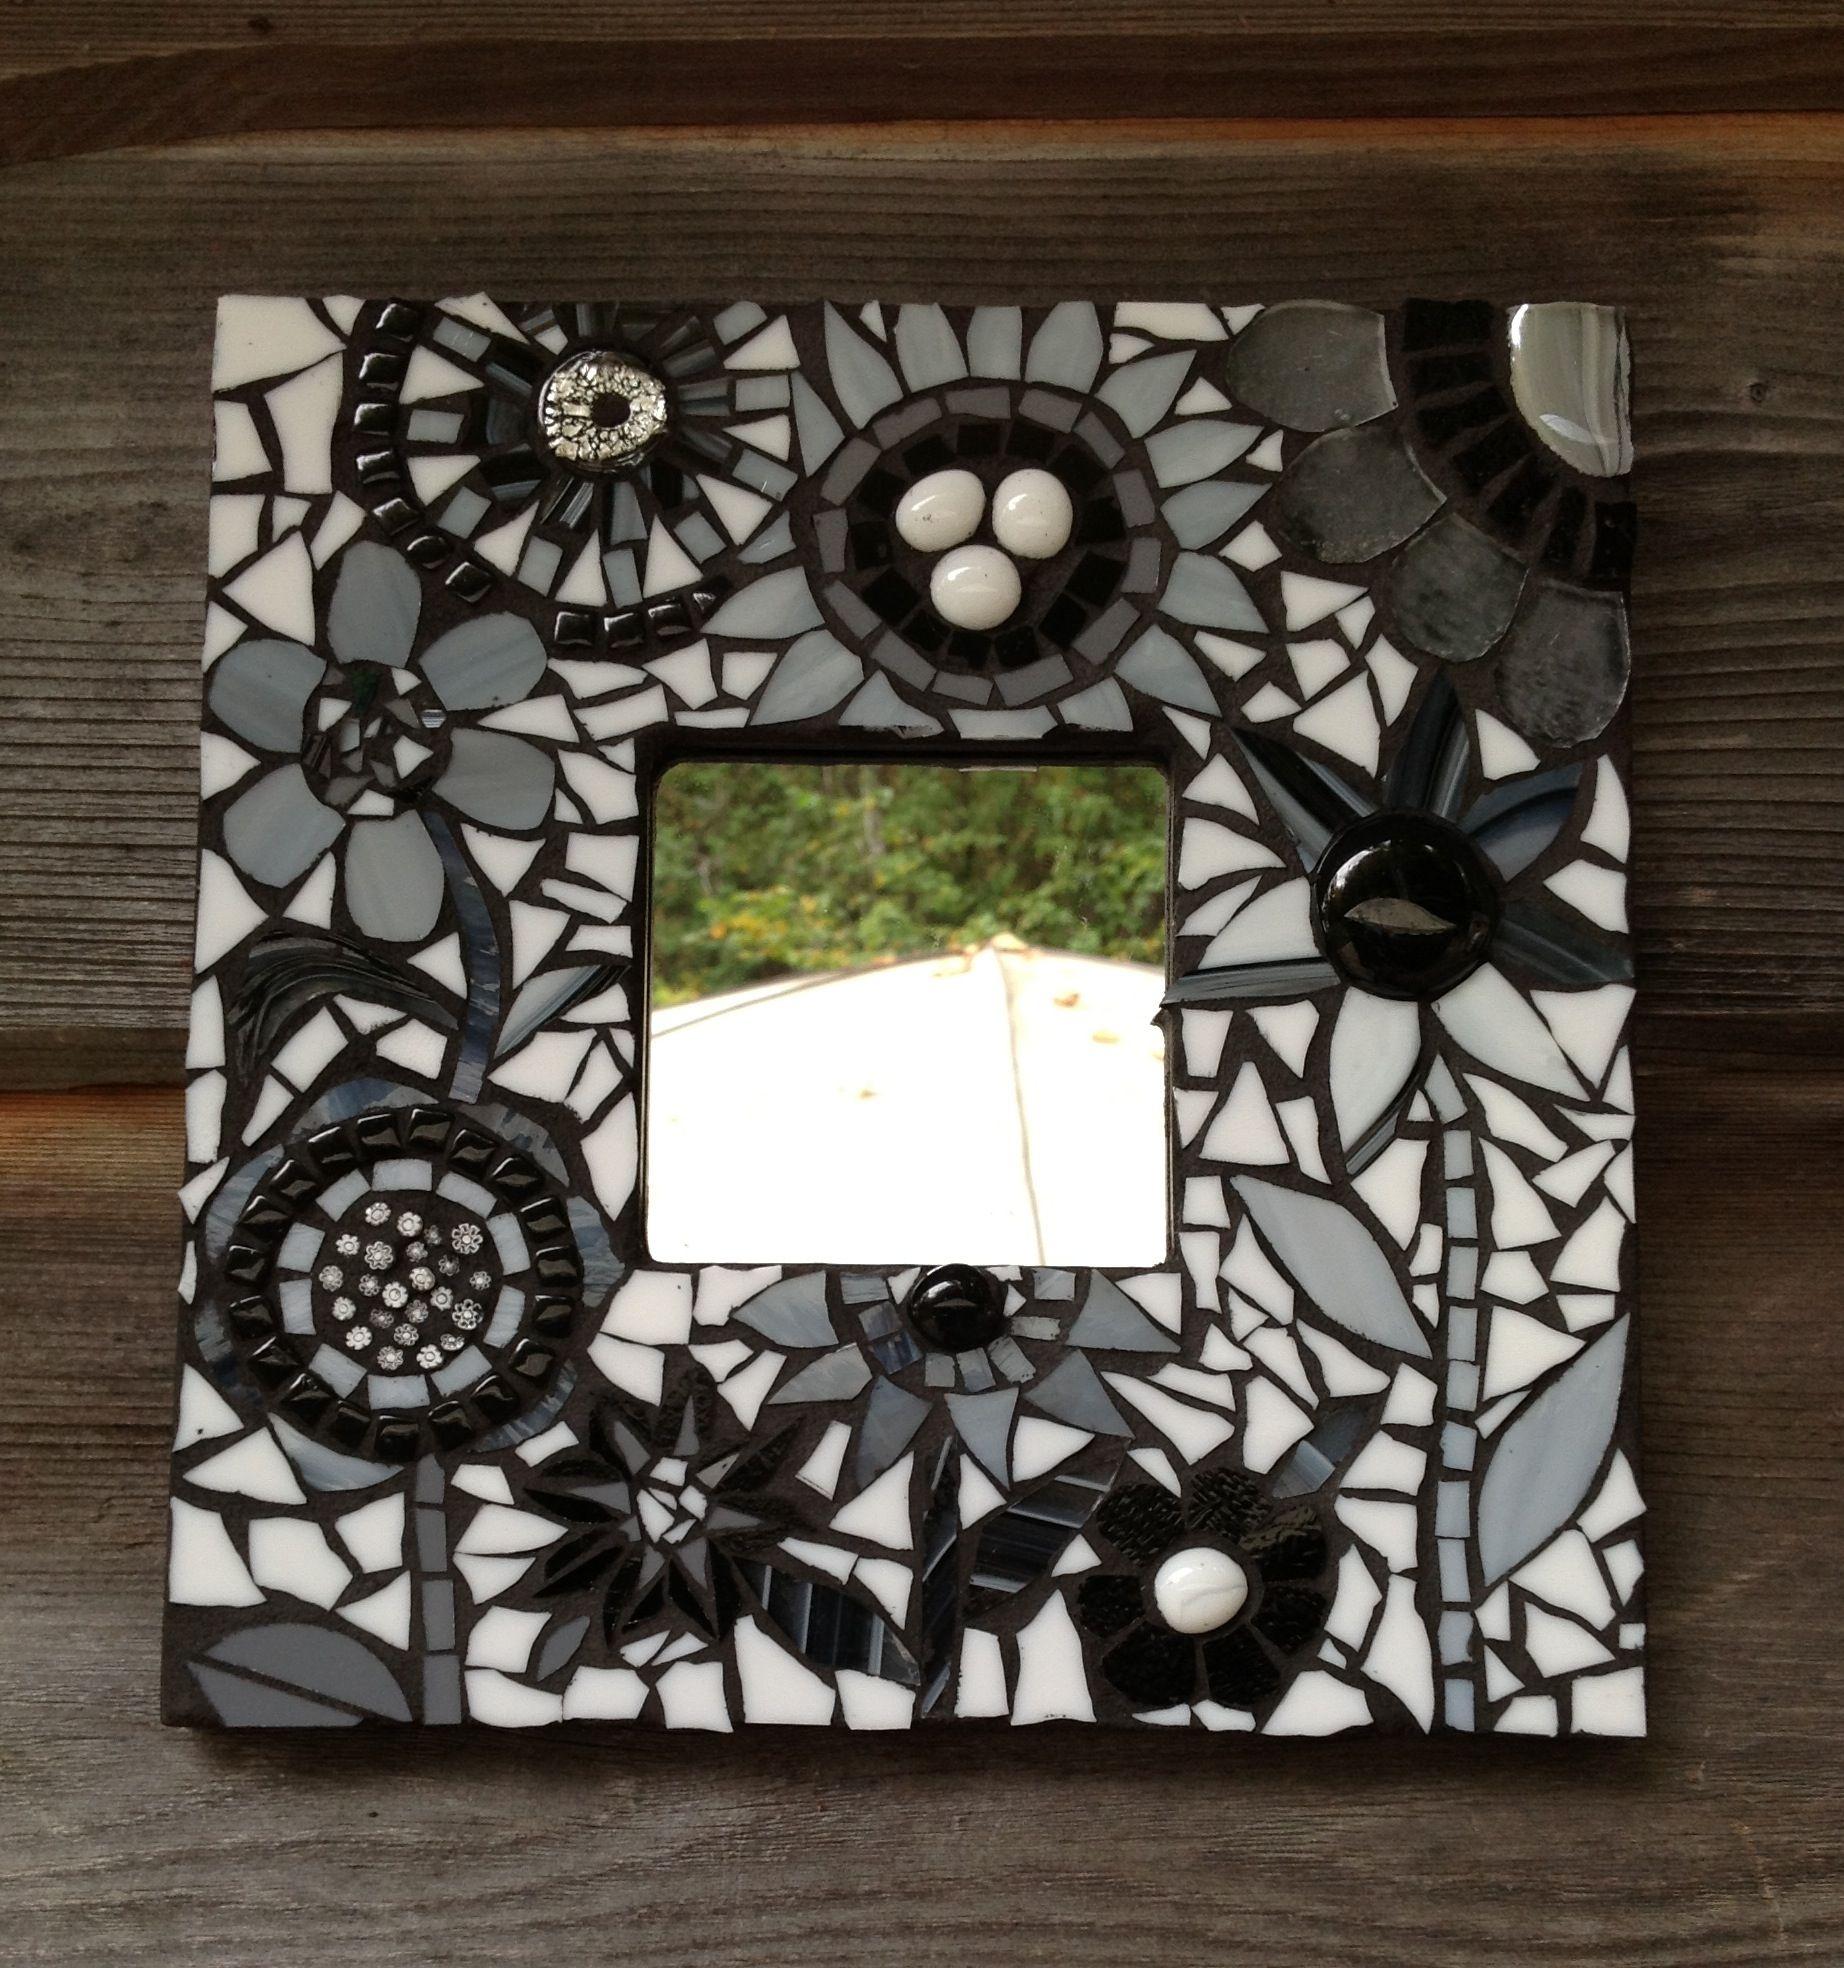 50 shades of grey mosaic mirror kathrynbossy.tumblr.com ...